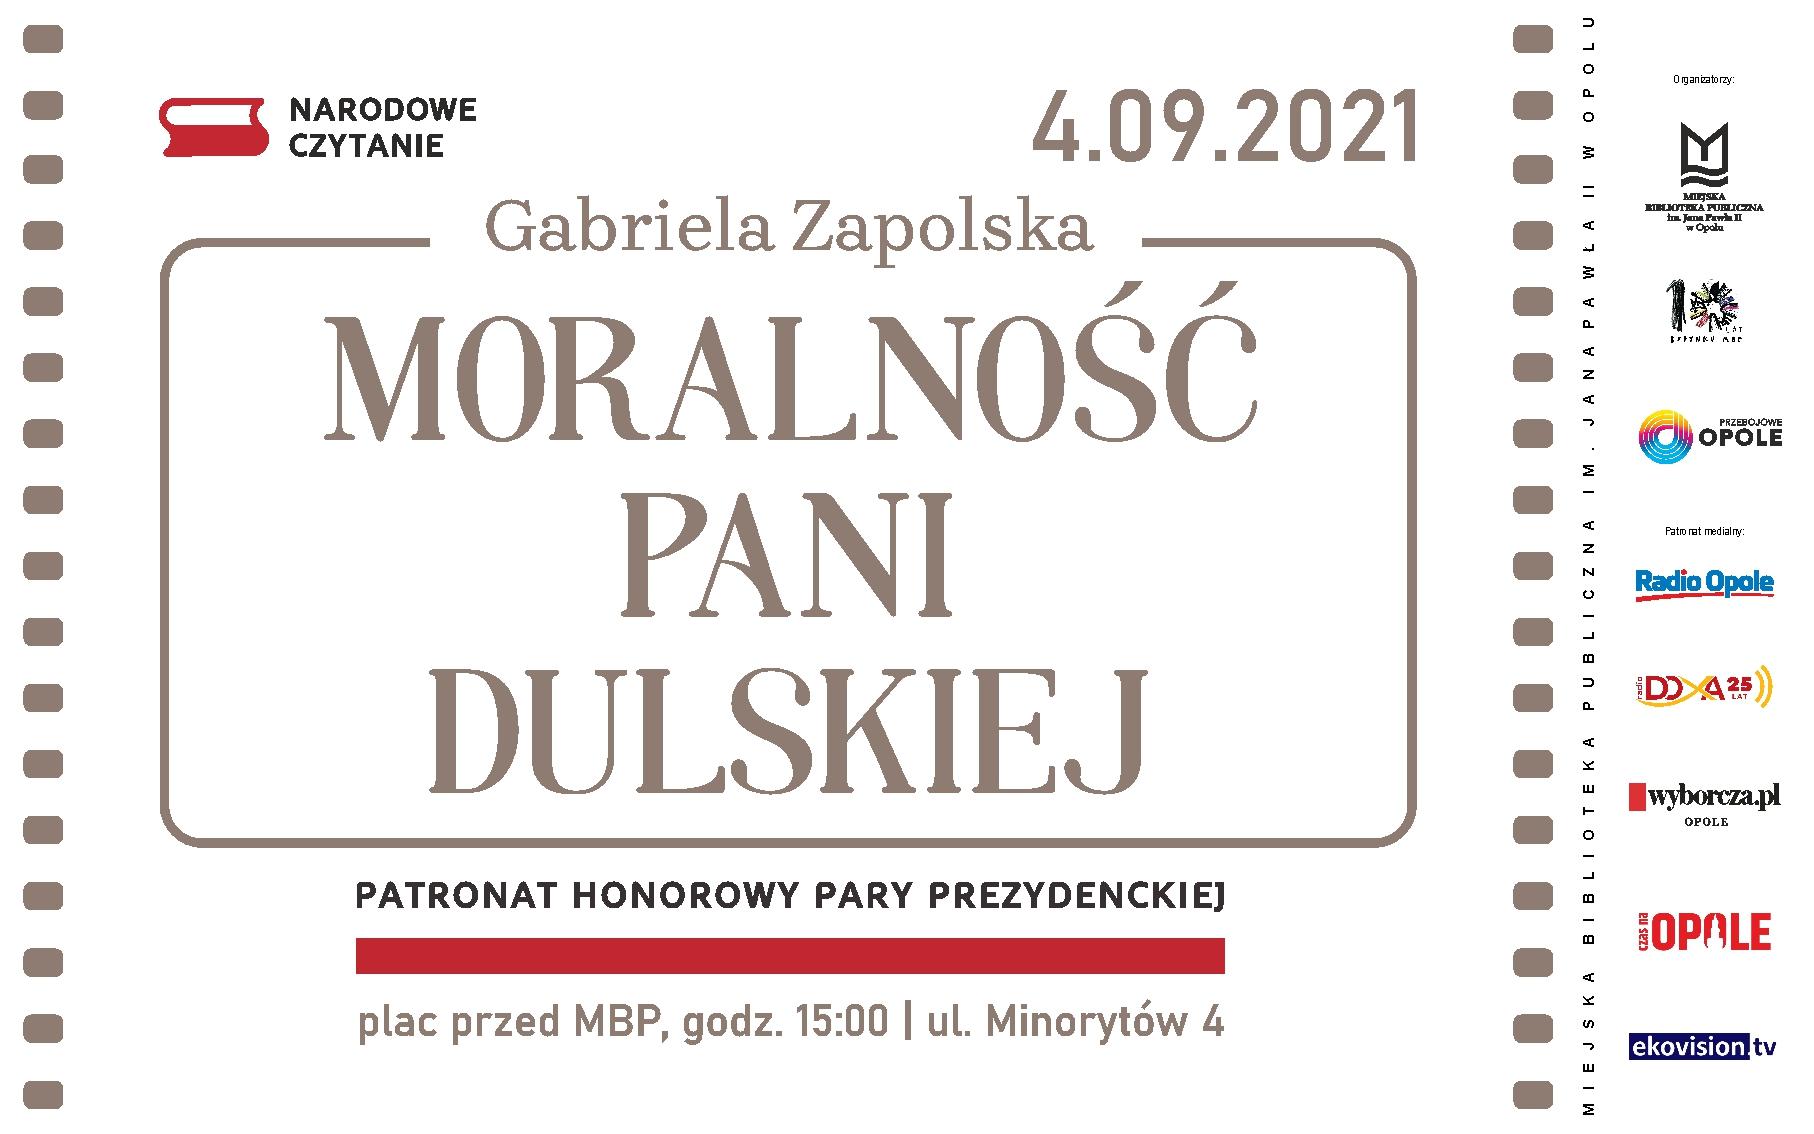 Plakat akcji Narodowego Czytania w Opolu